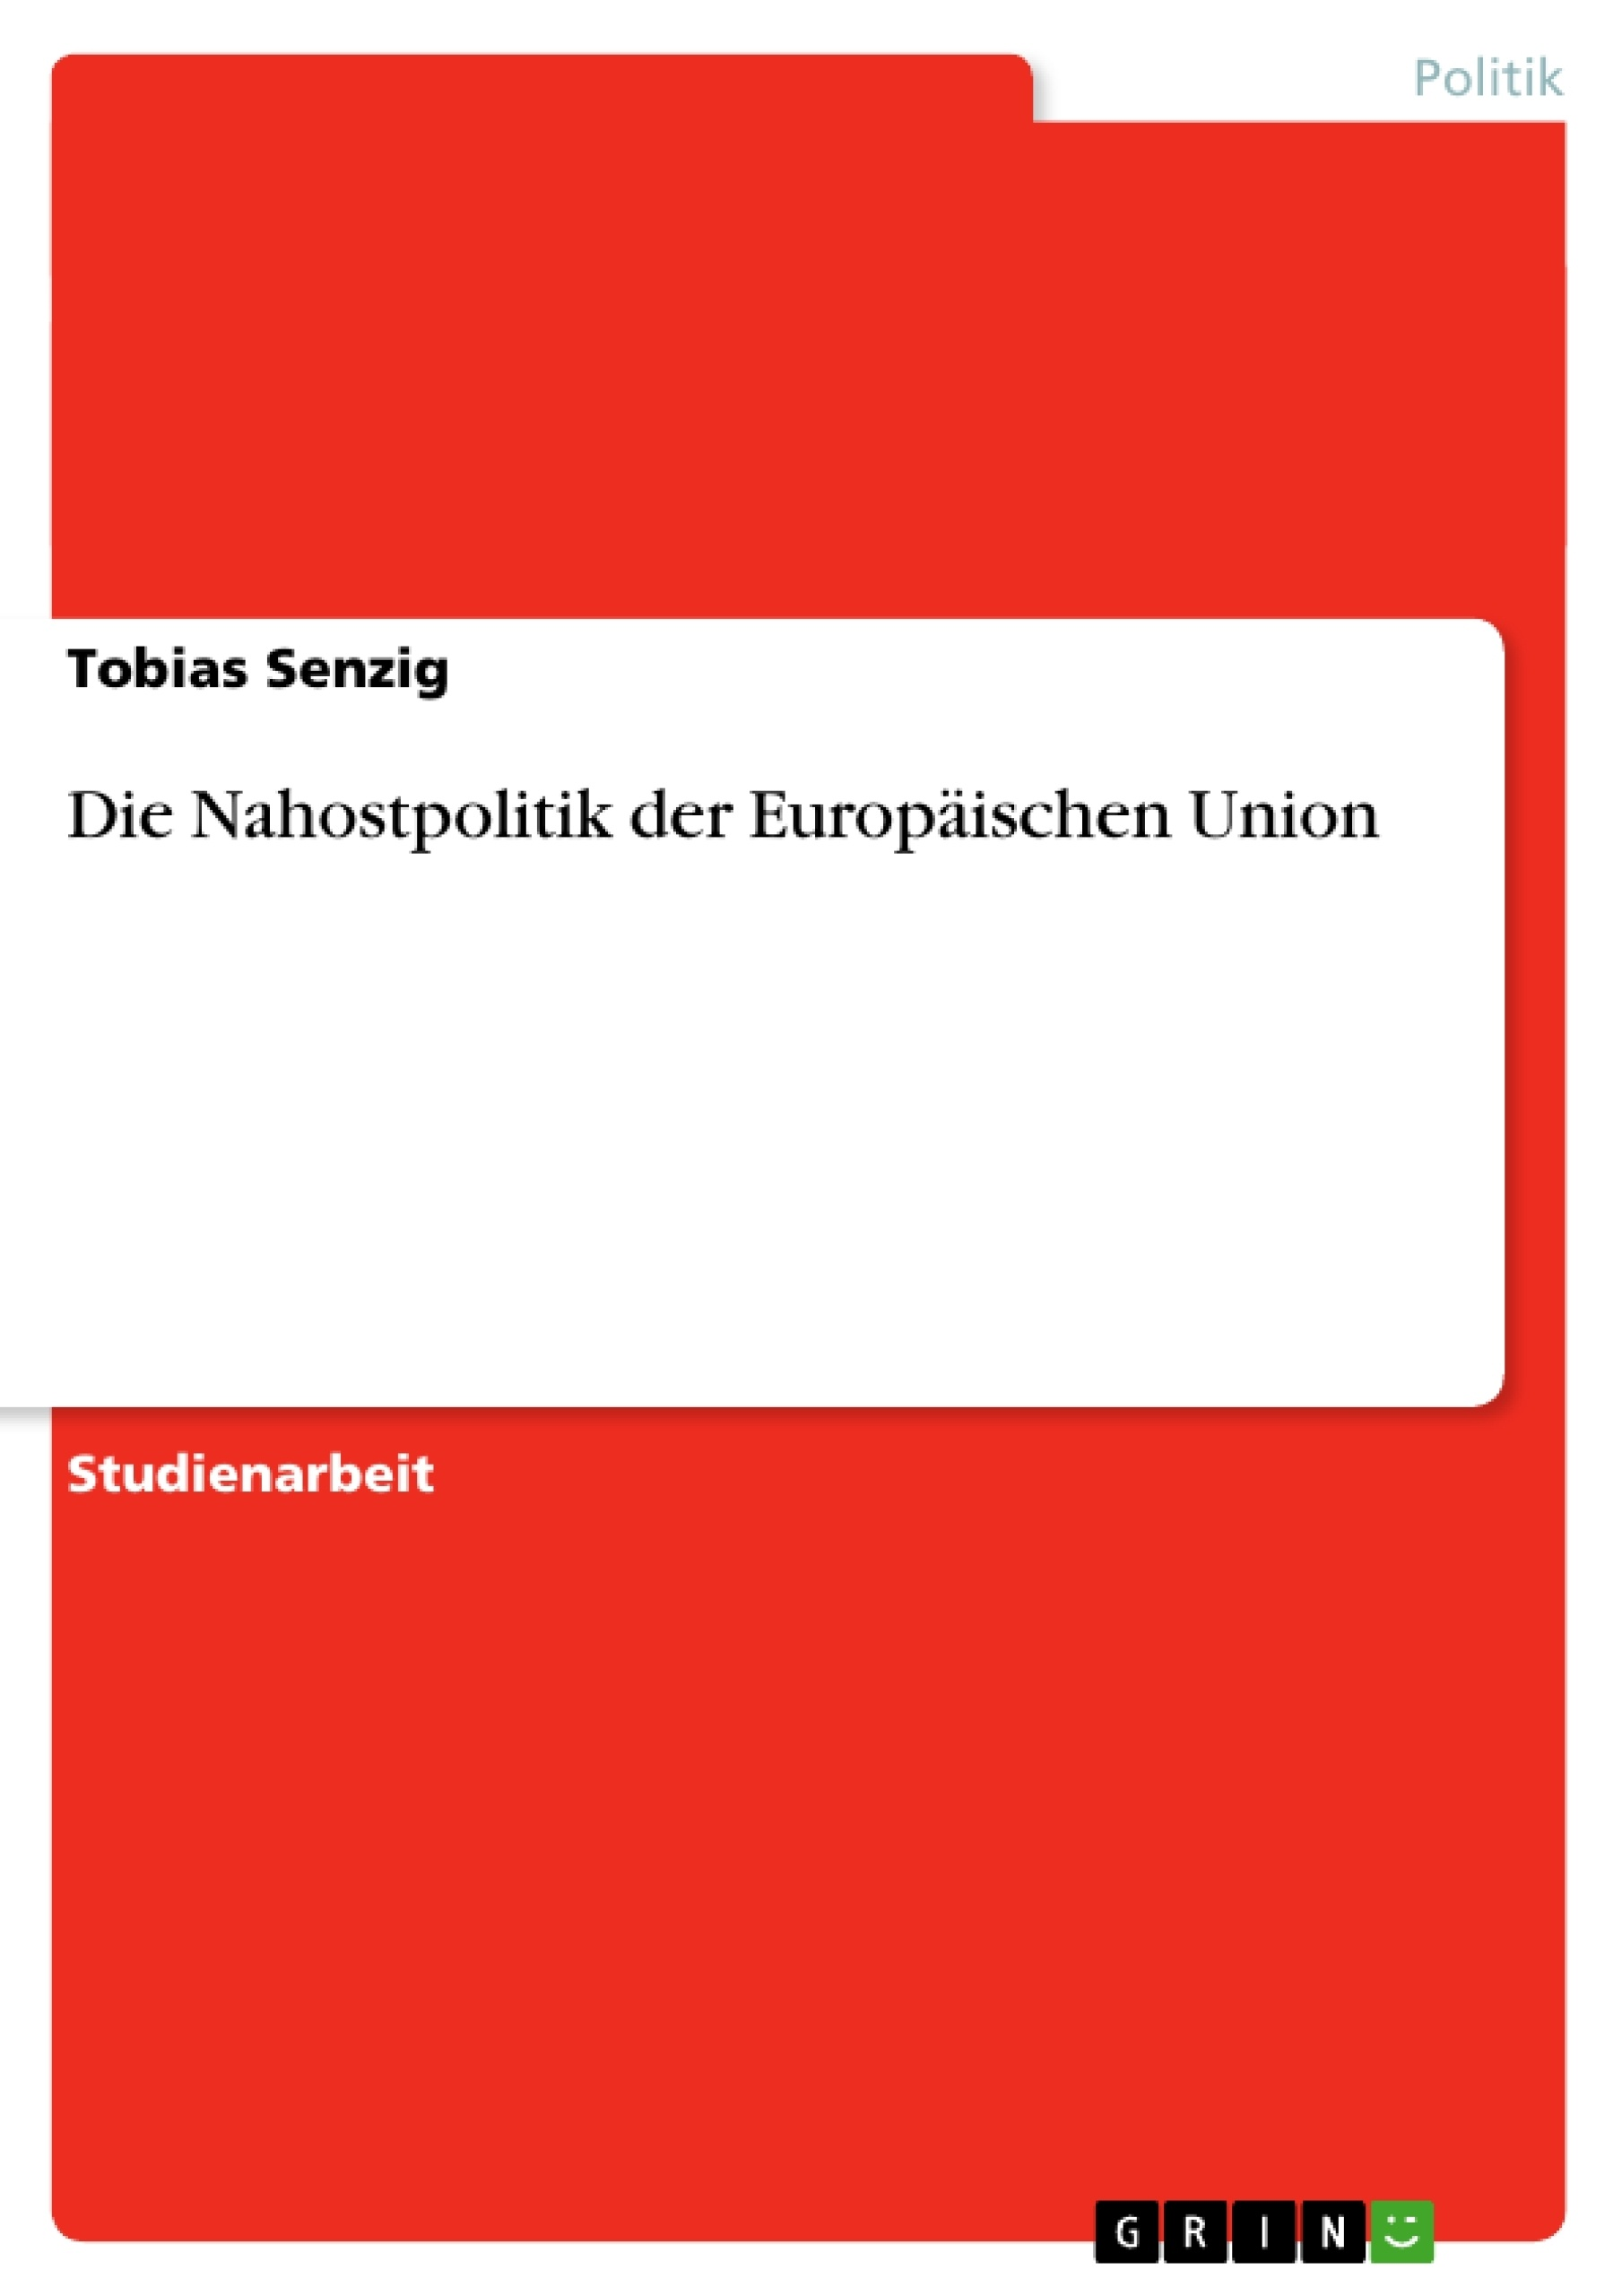 Titel: Die Nahostpolitik der Europäischen Union